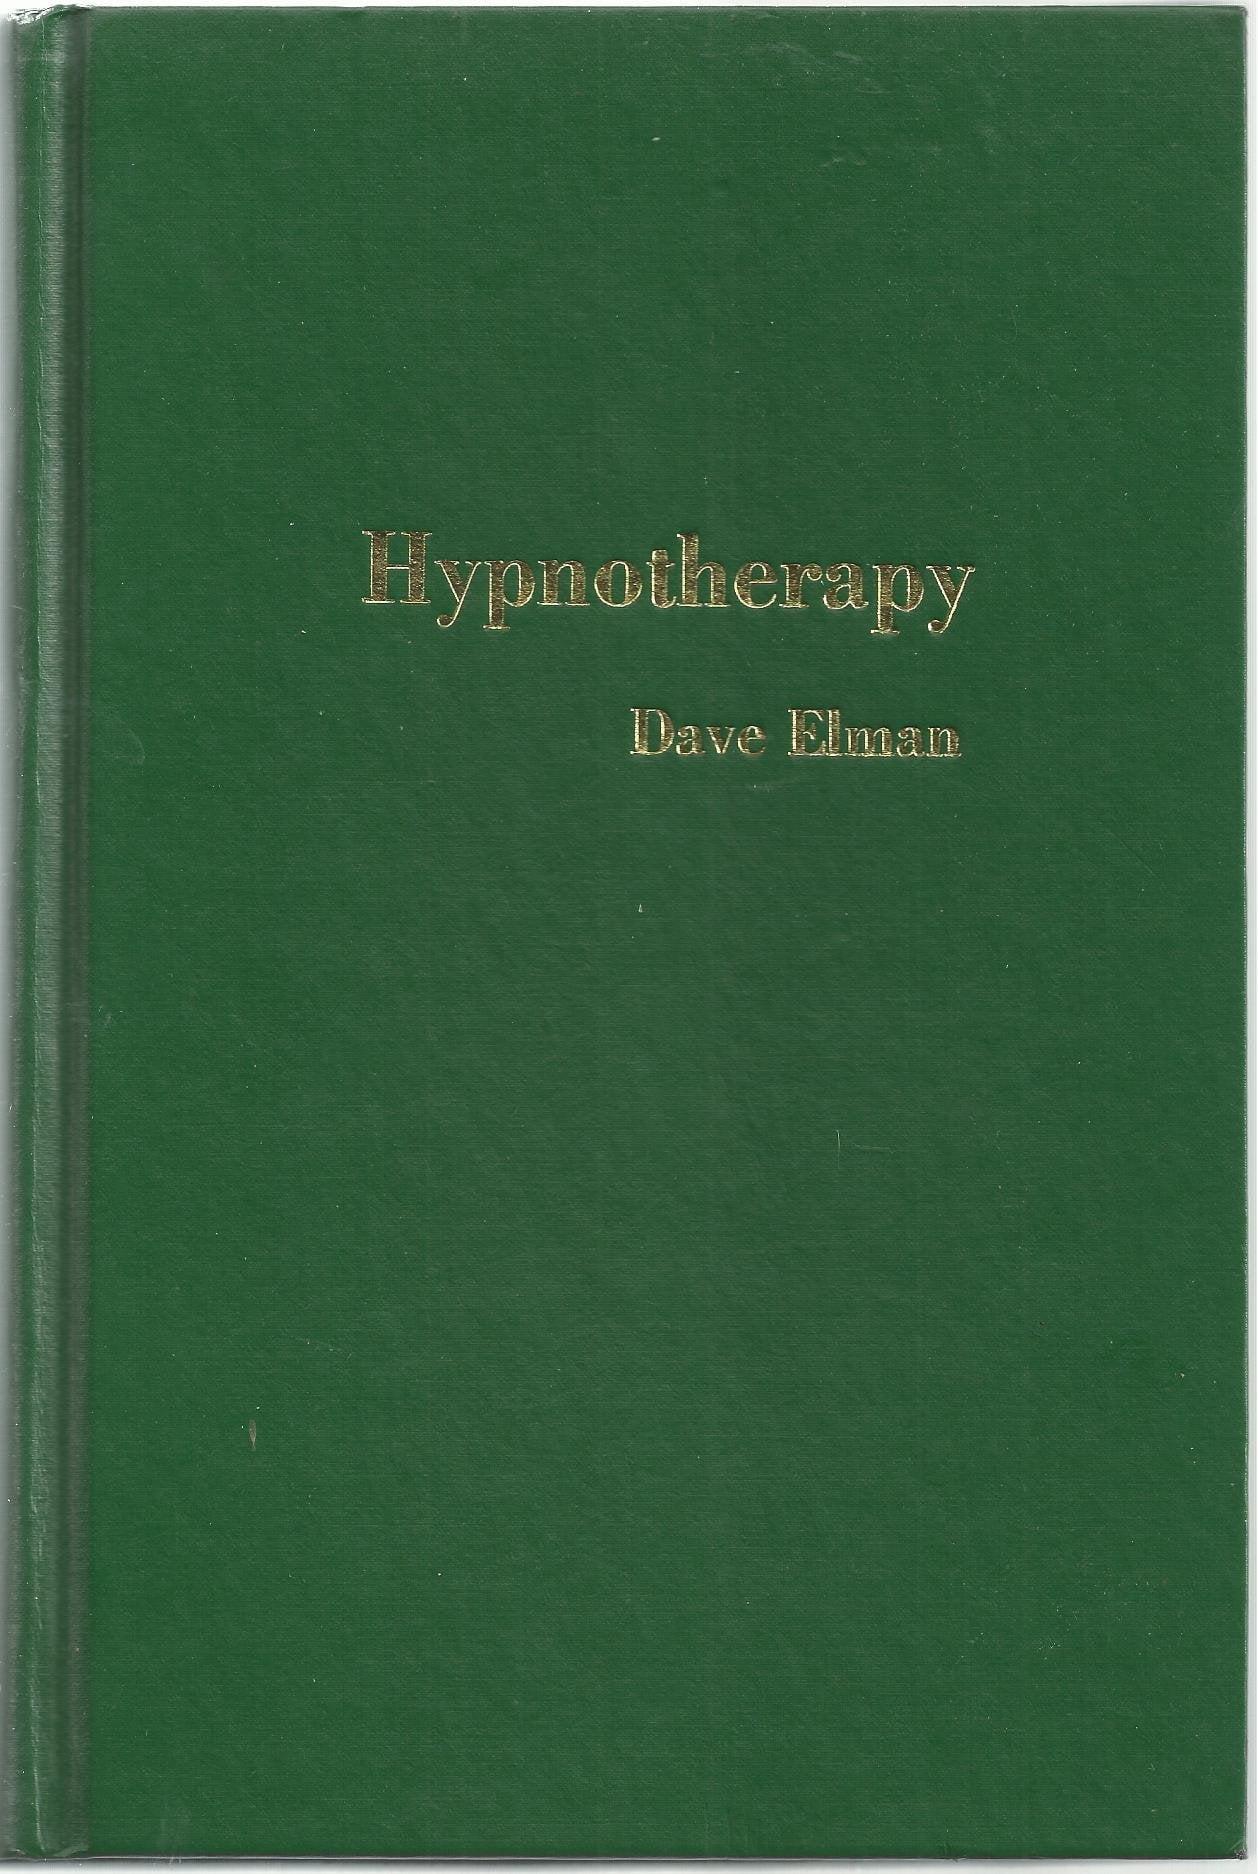 Dave Elman publicou apenas um livro intitulado Hypnotherapy.